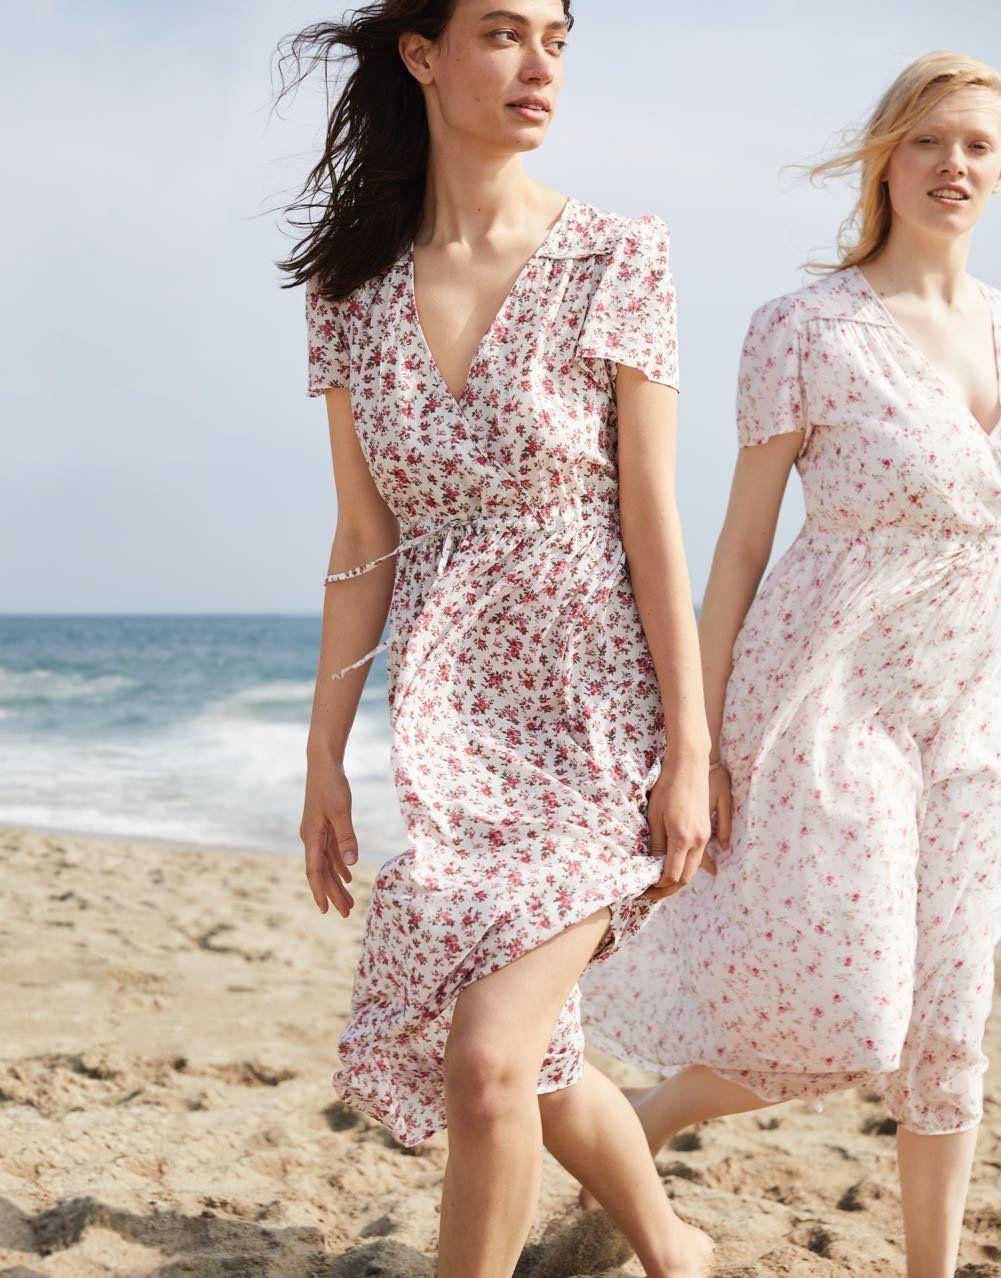 Madewell X Christy Dawn Dawn Midi Dress Dresses Christy Dawn Dress Madewell Dresses [ 1278 x 1001 Pixel ]